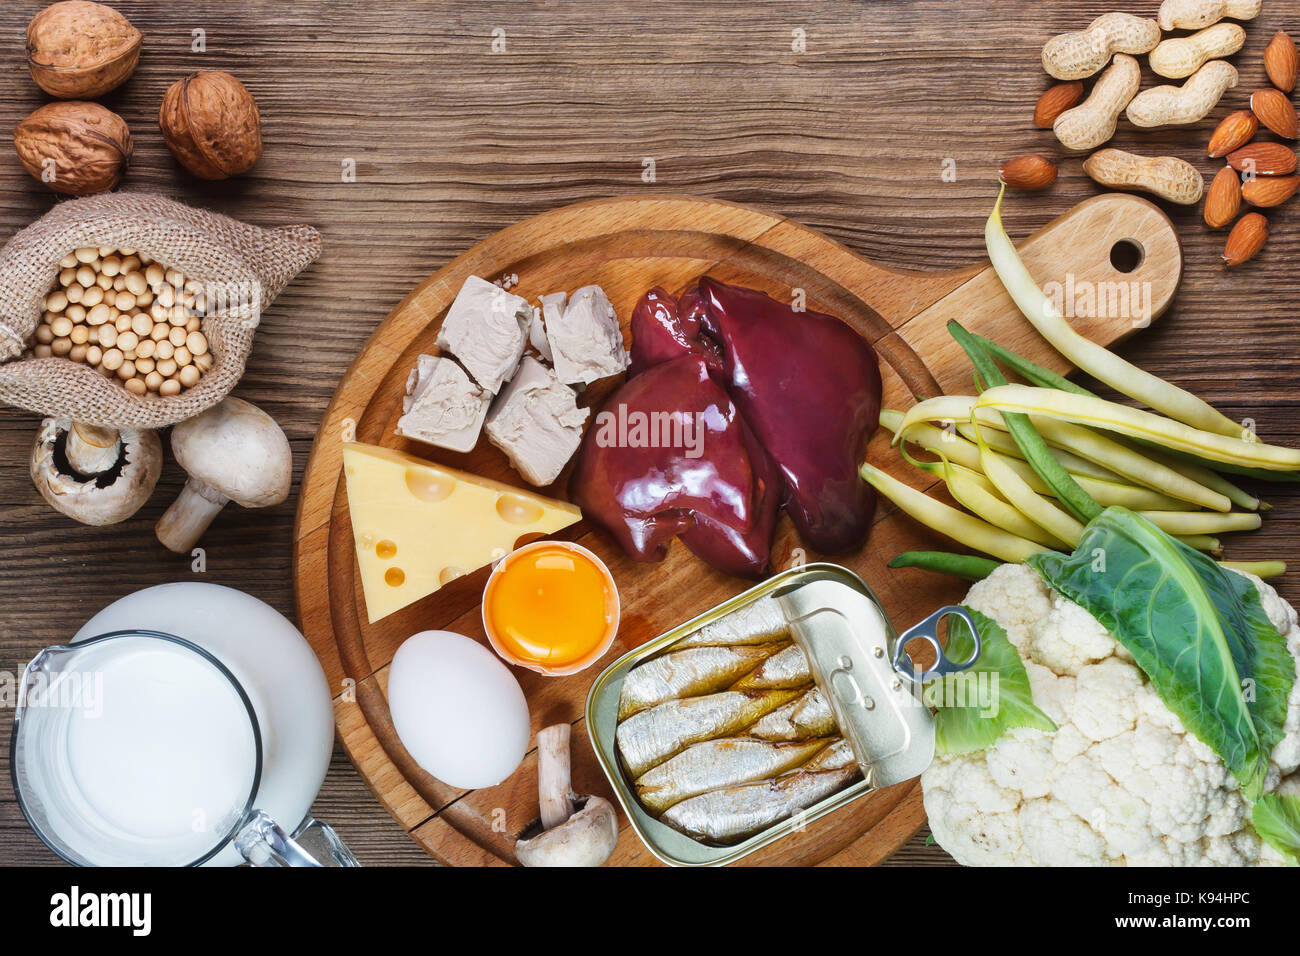 Los alimentos ricos en biotina (vitamina B7). Los alimentos como hígado, yema de huevo, levadura, queso, sardinas, Imagen De Stock